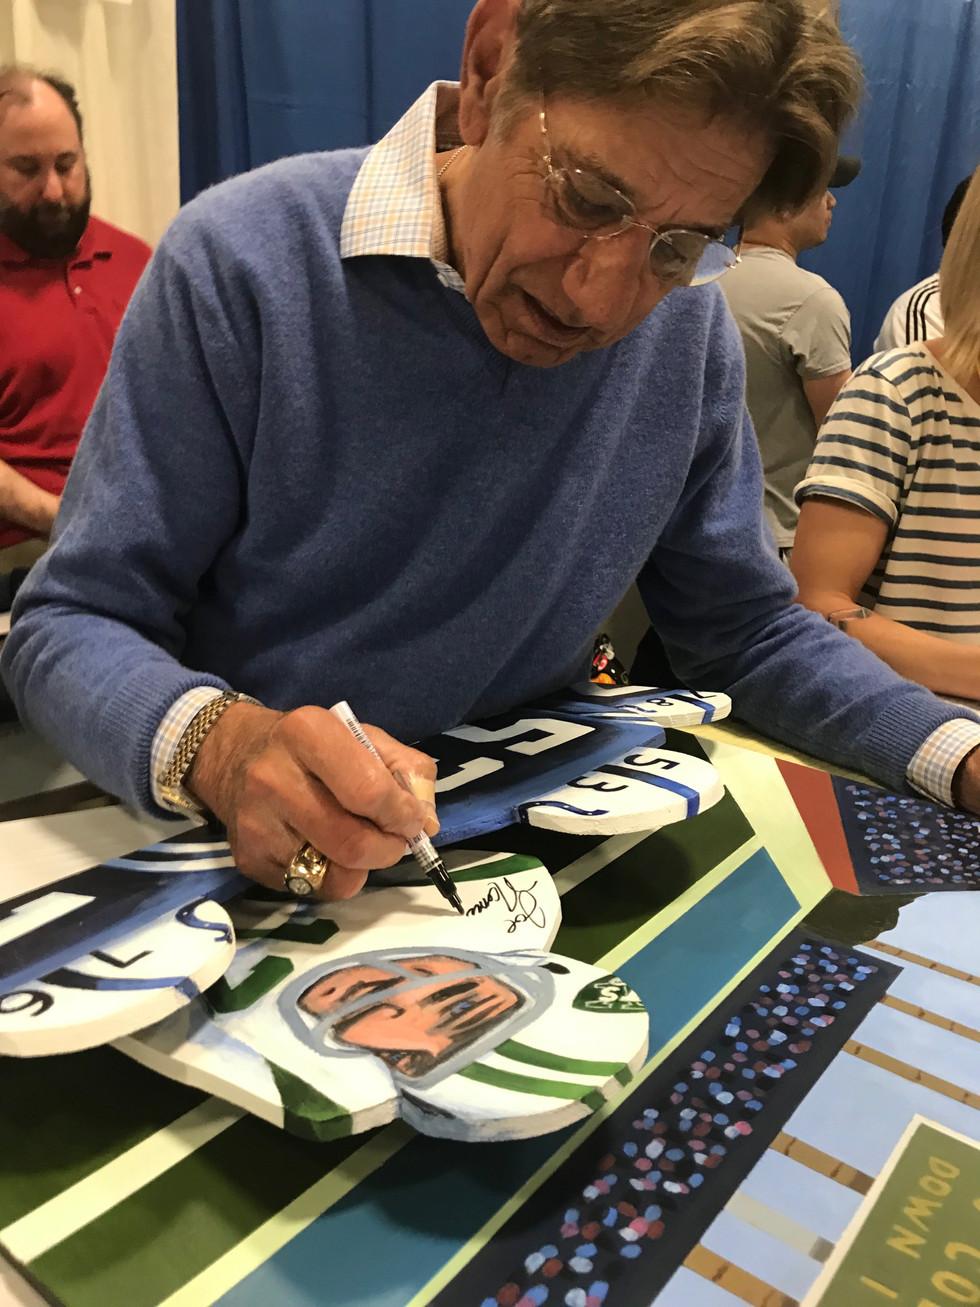 Joe Namath signing painting